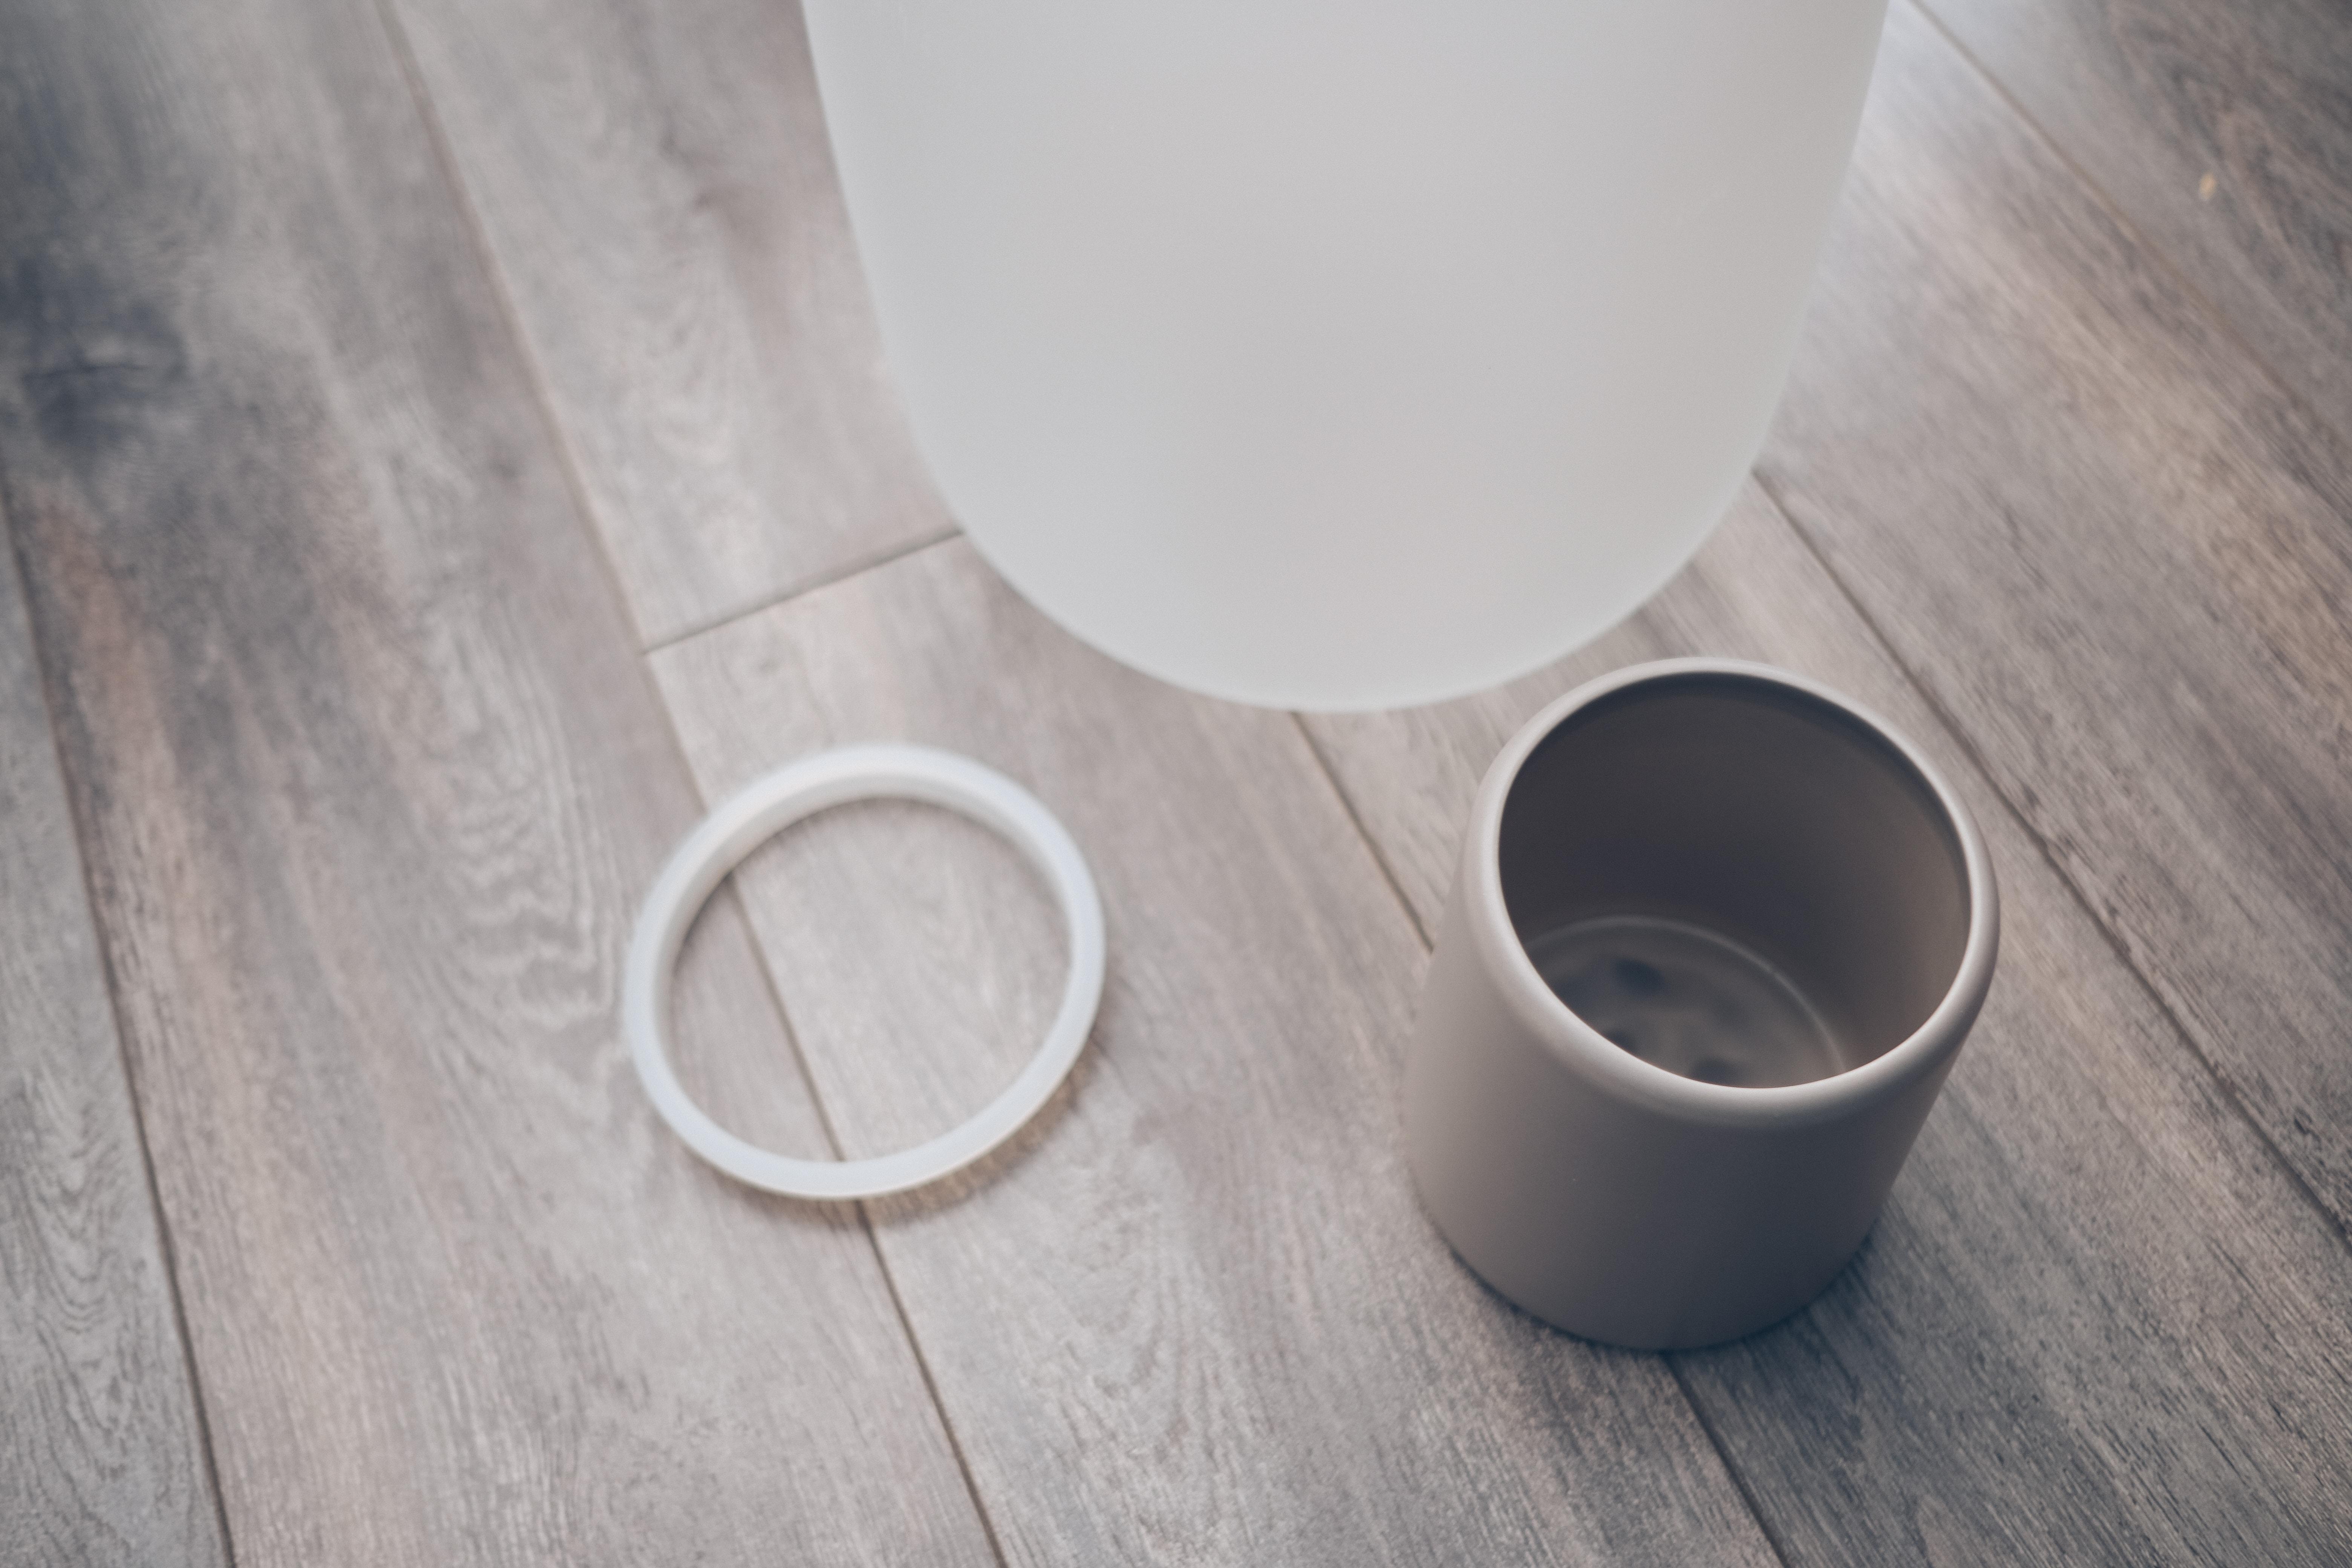 gest nebl vase in pieces on the floor